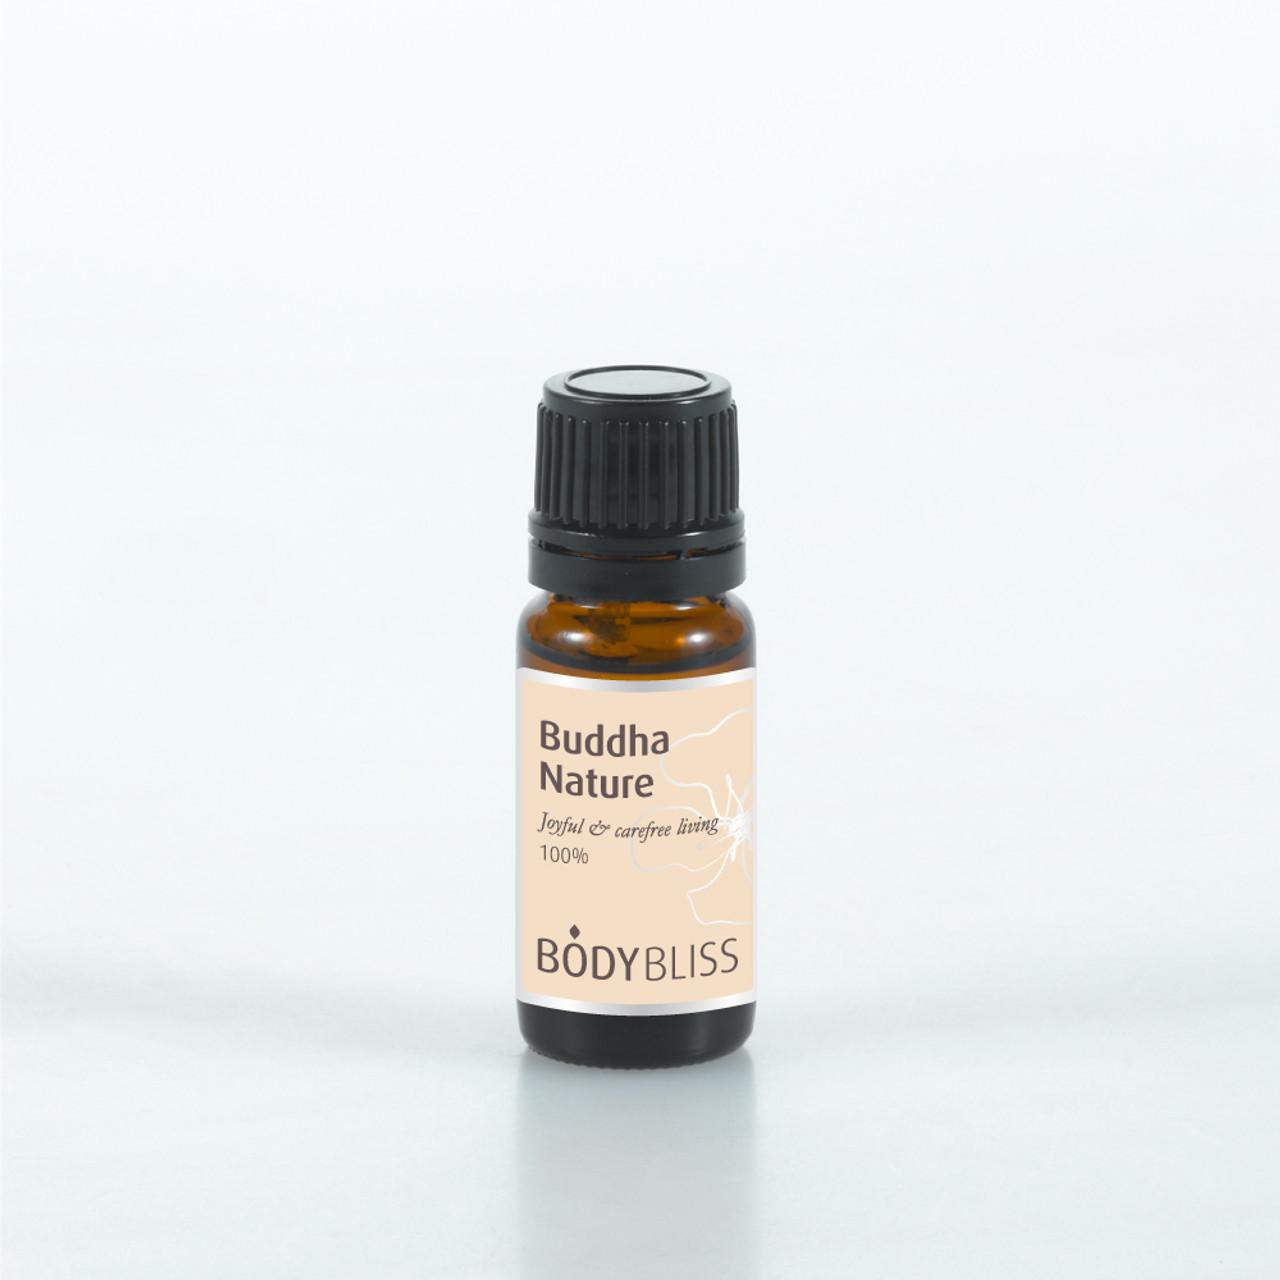 Buddha Nature Essential Oil Blend